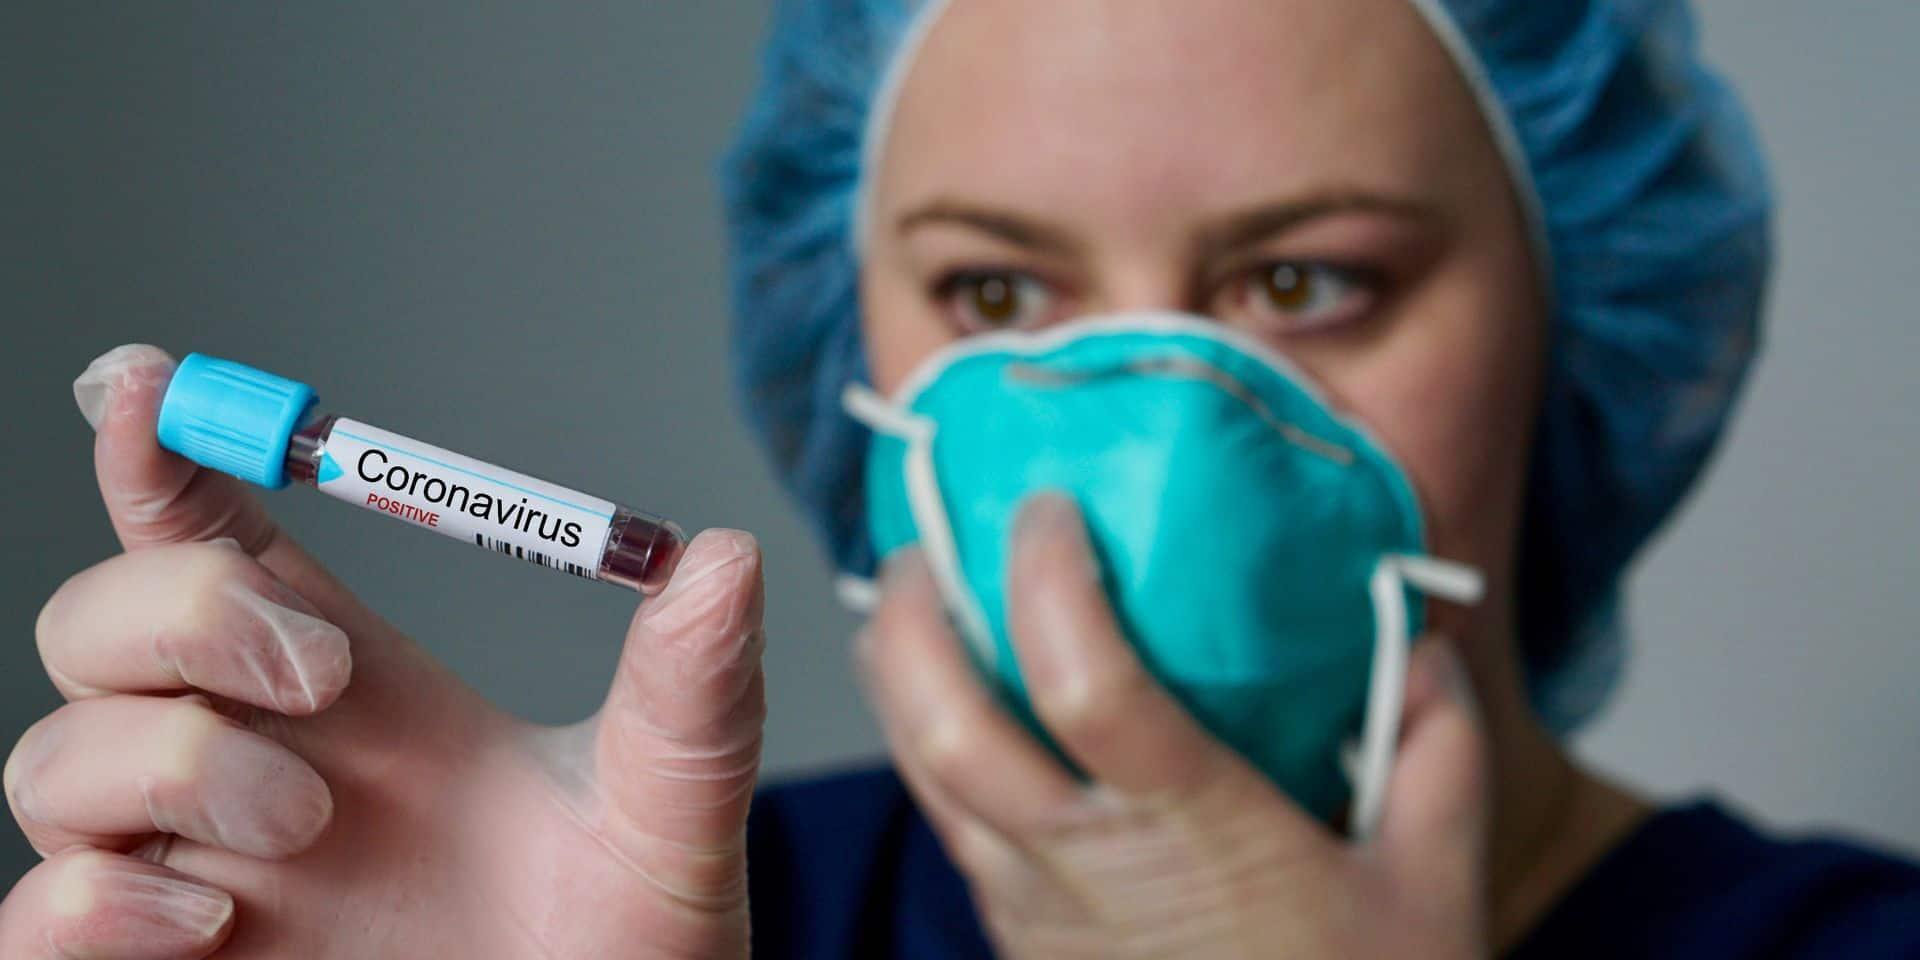 L'Université de Mons veut améliorer le diagnostic Covid-19